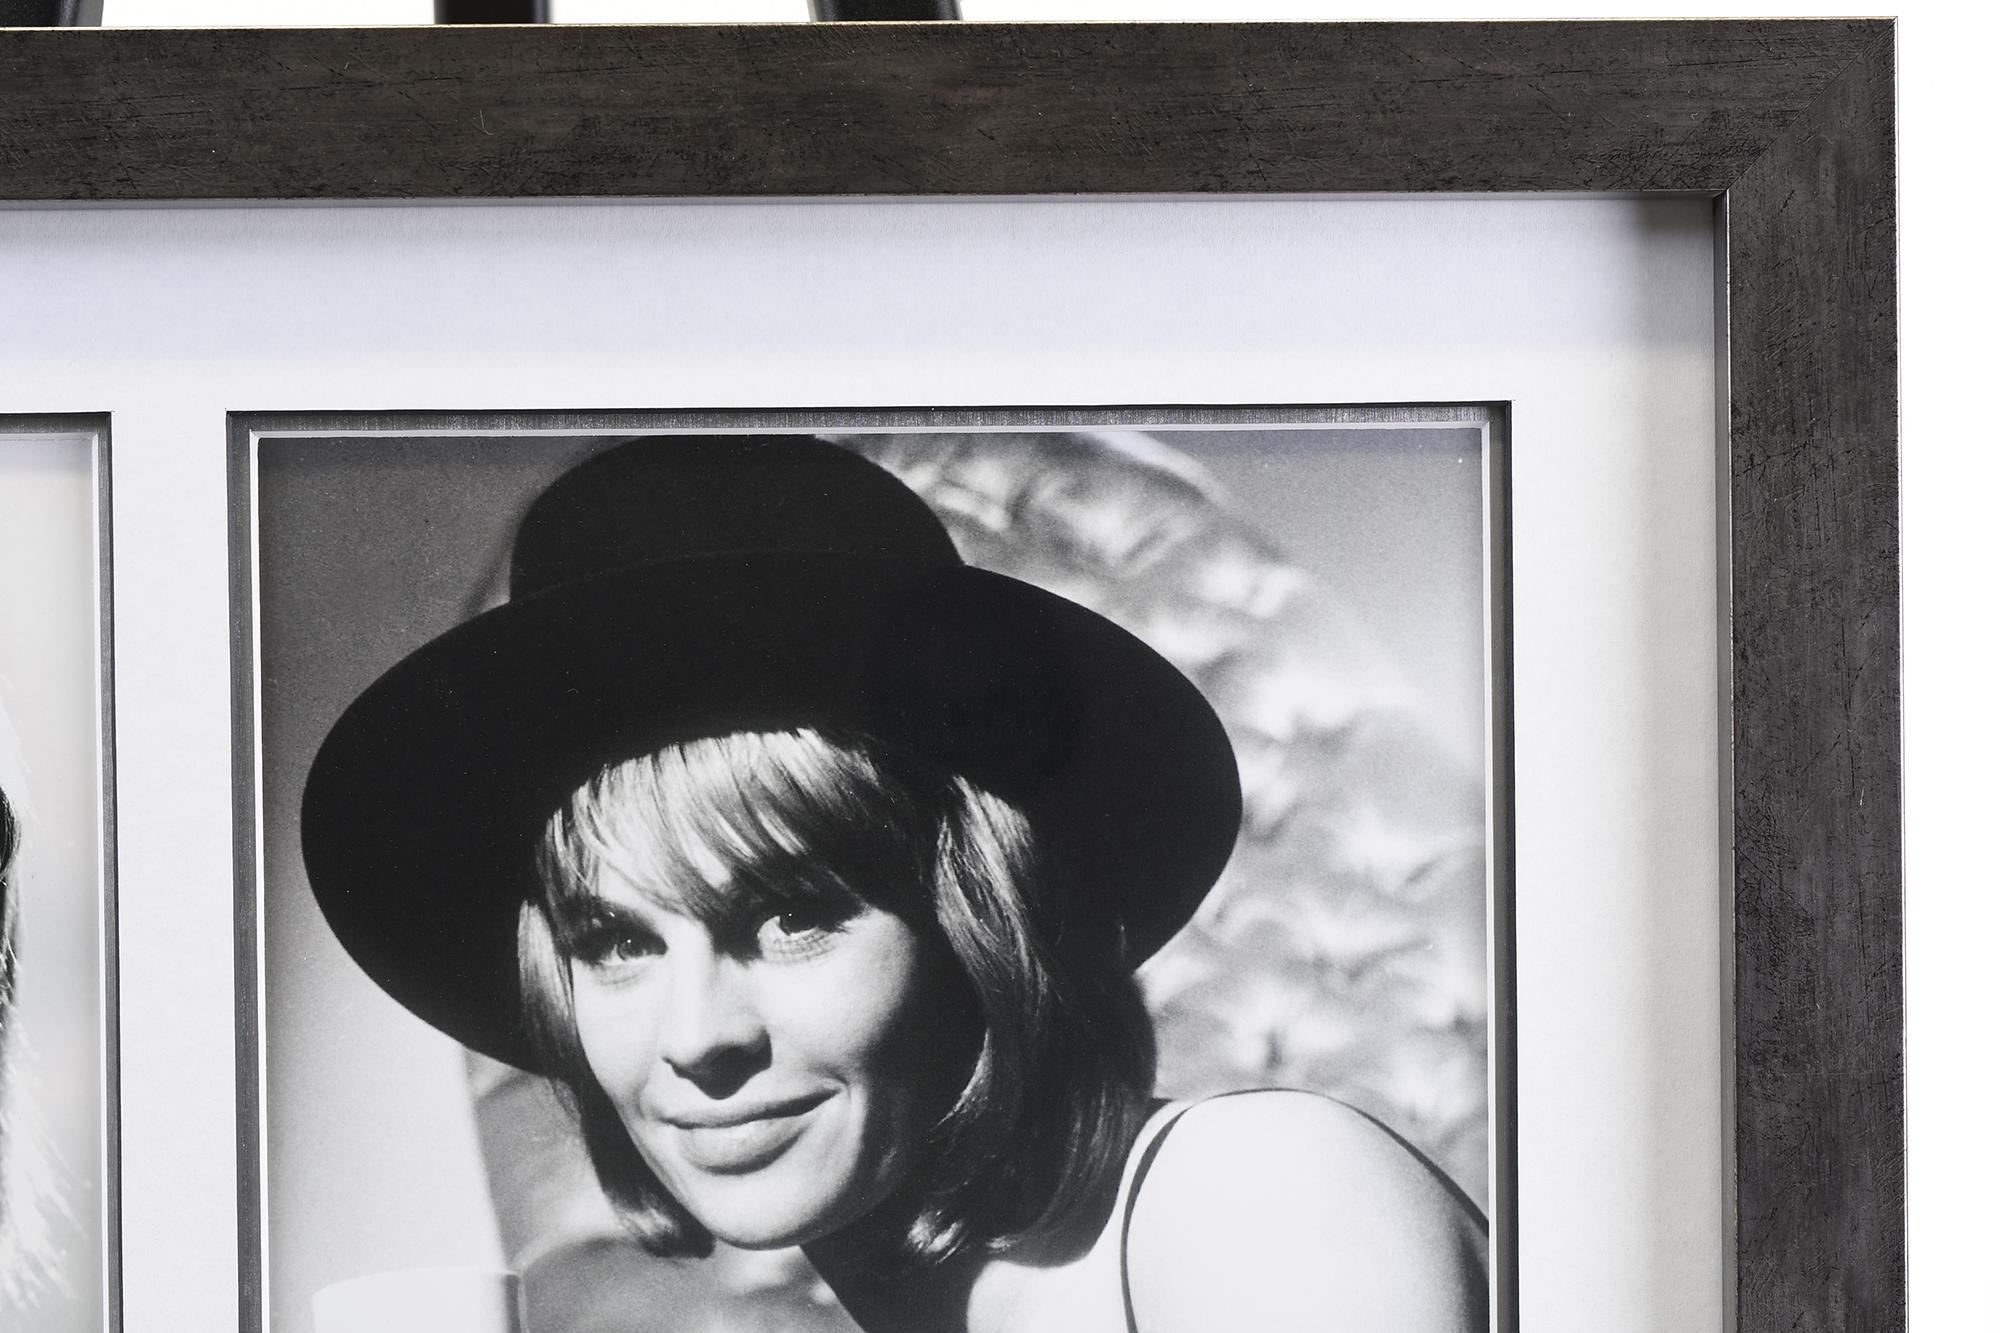 Julie Christie Memorabilia Framed Presentation - Image 4 of 7